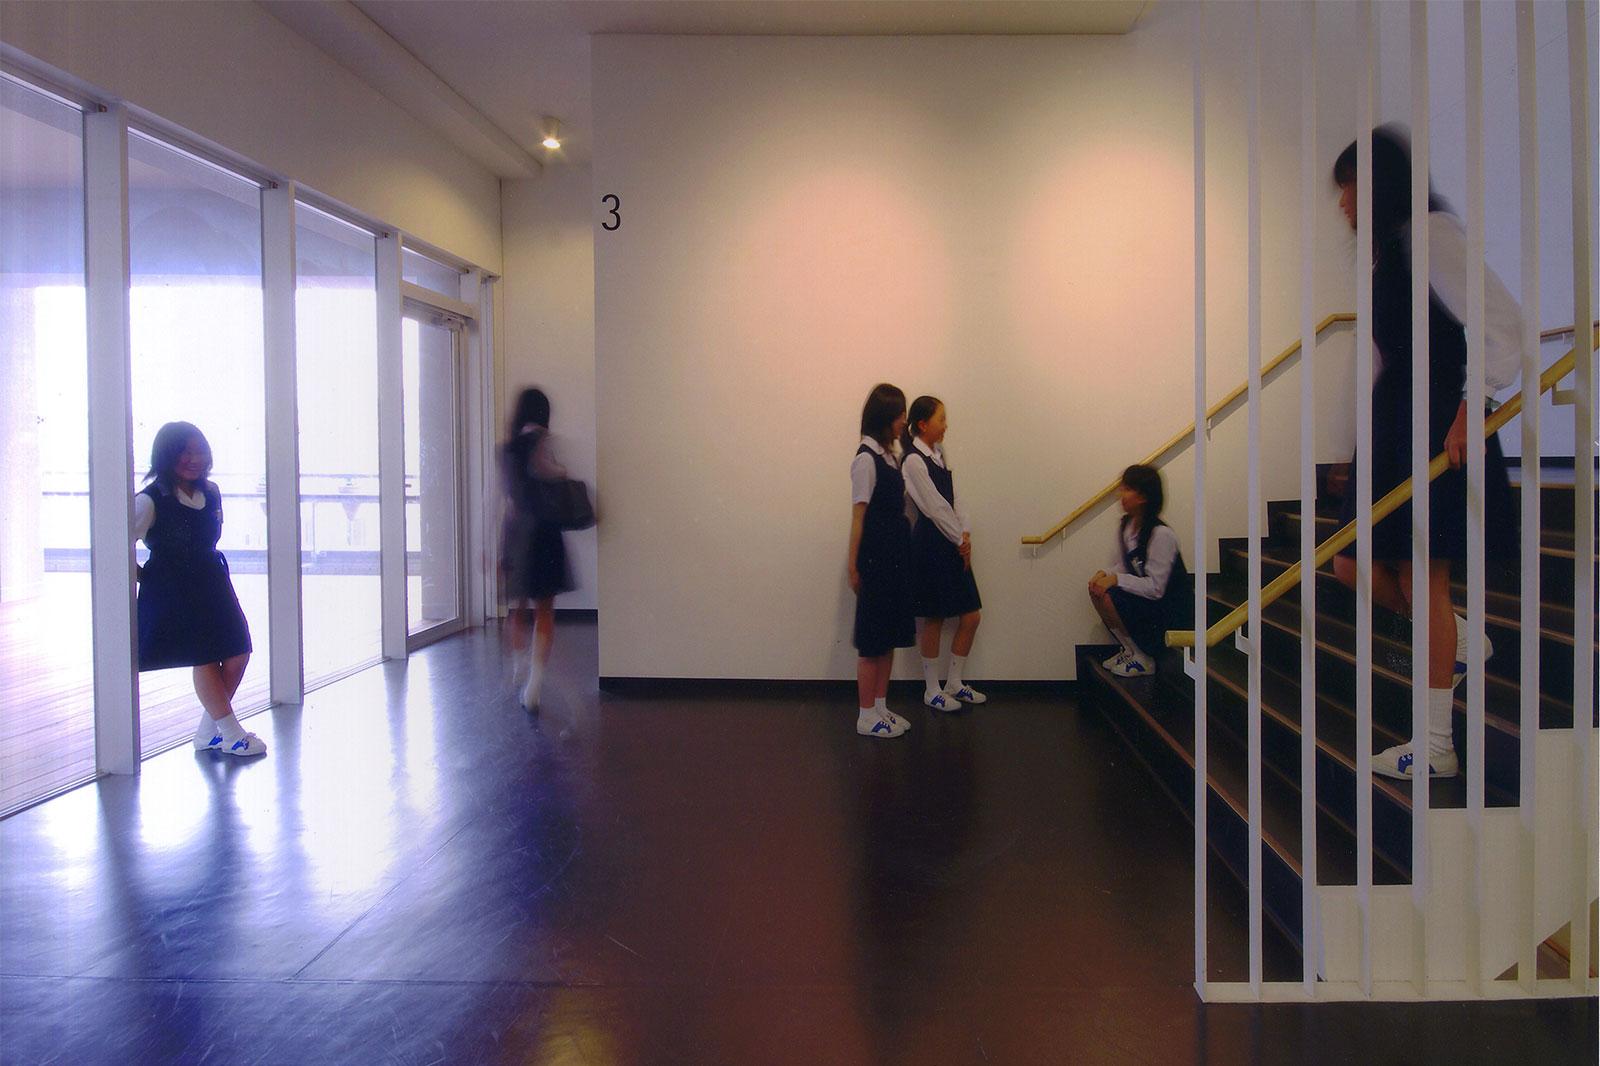 南山高等学校 中学校女子部